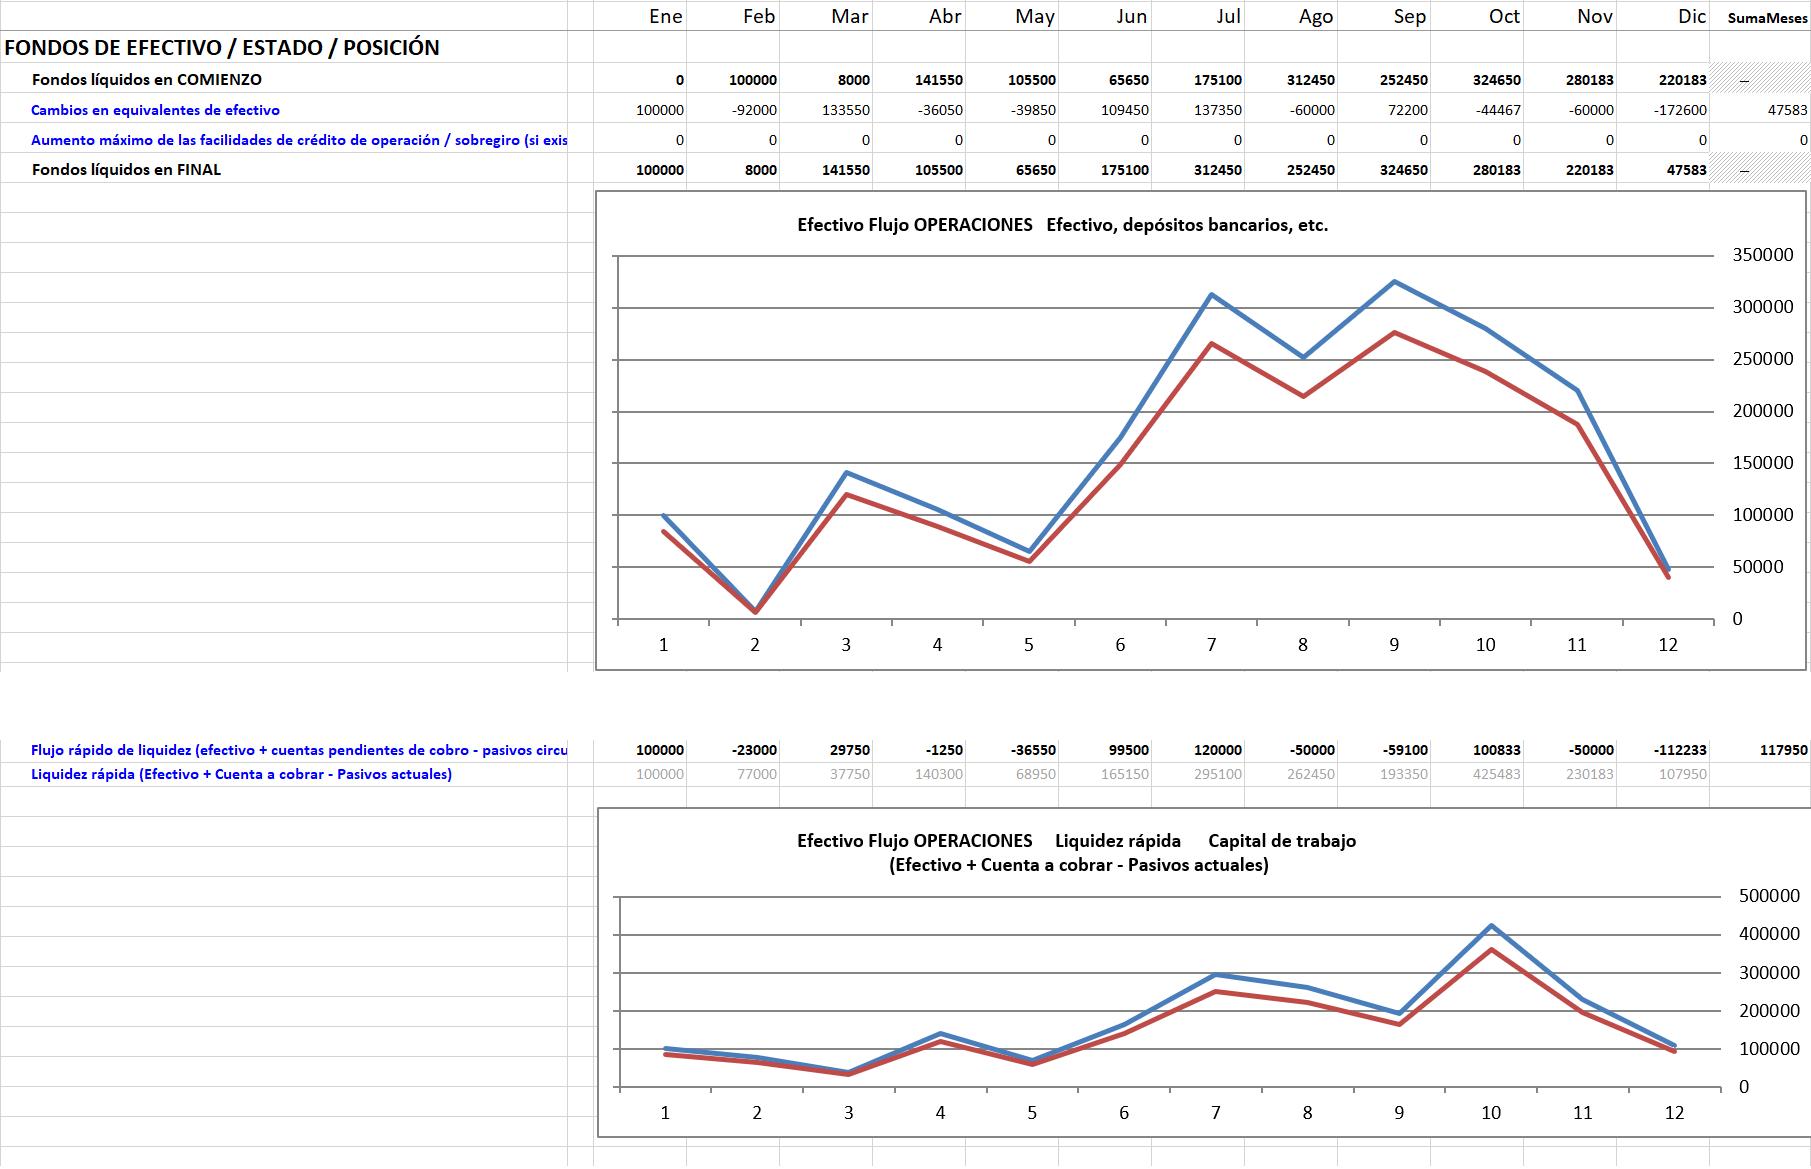 1542635962_es26b__Informe_semanal_de_liderazgo__Excel-Accounting-Budget-Analysis.com__2018-11-18.png